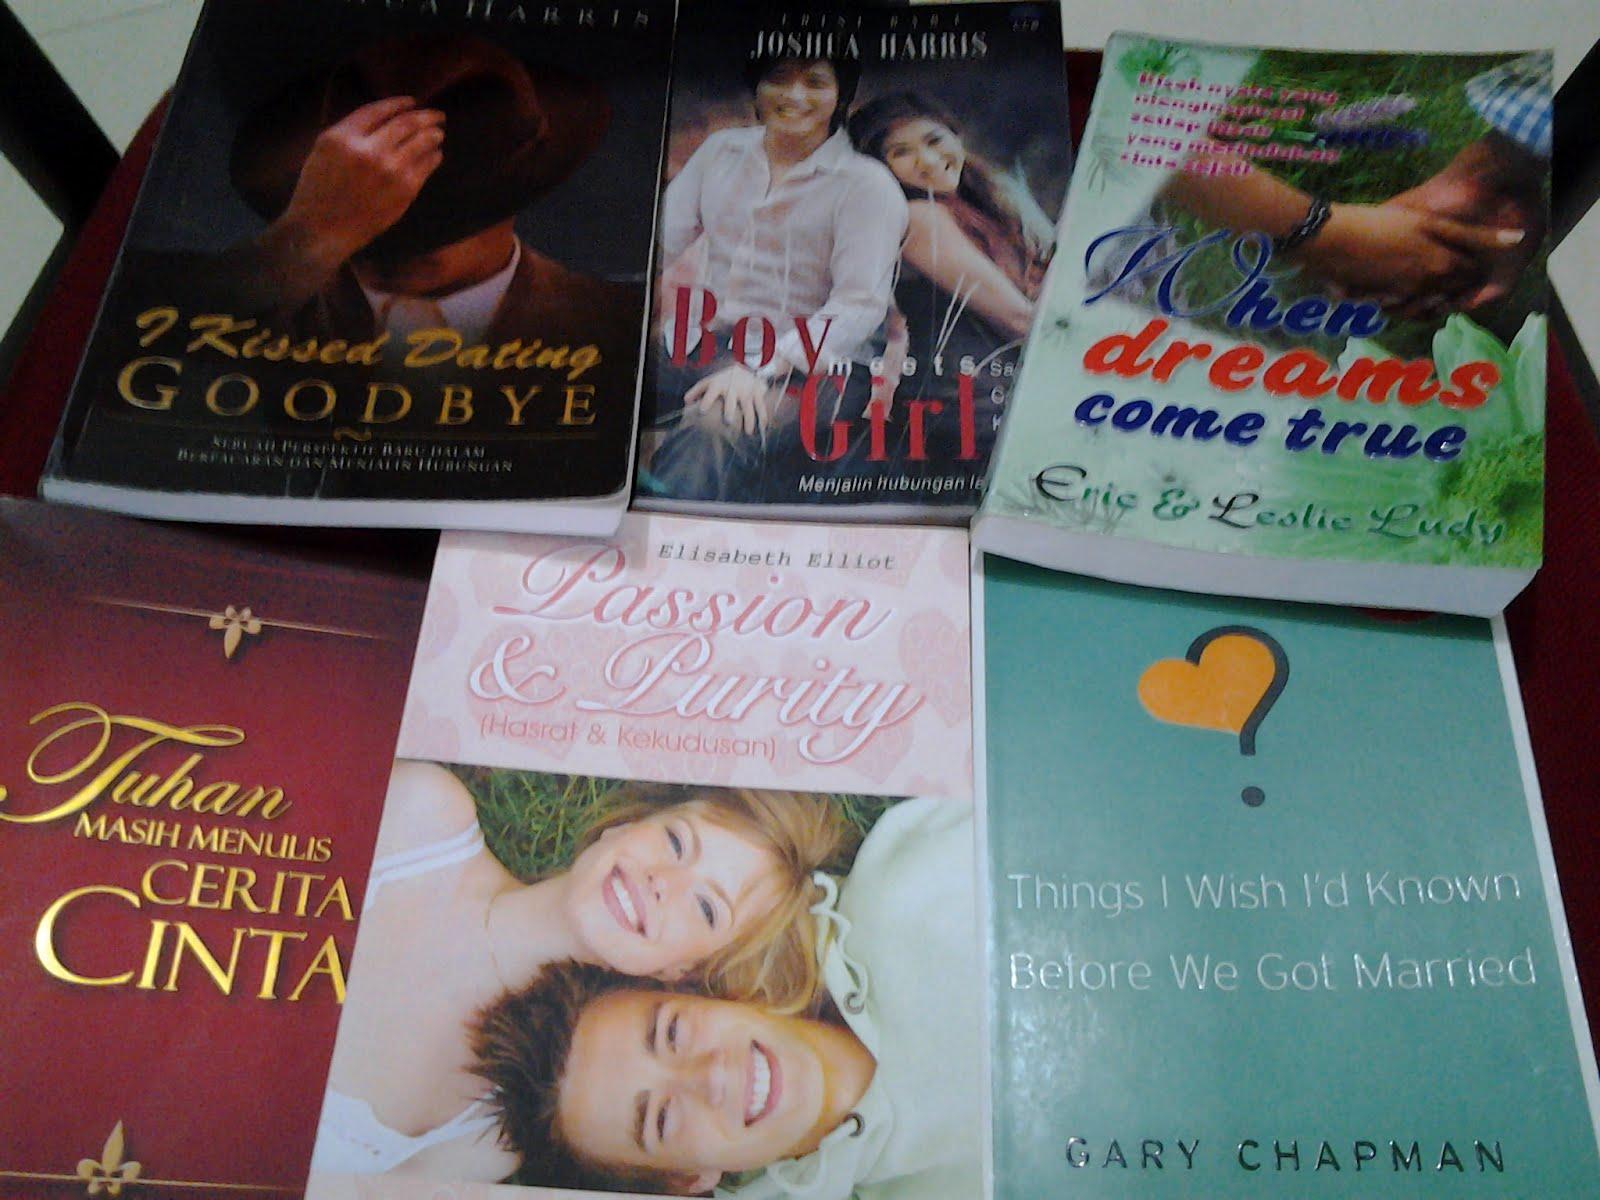 Buku i kissed dating goodbye